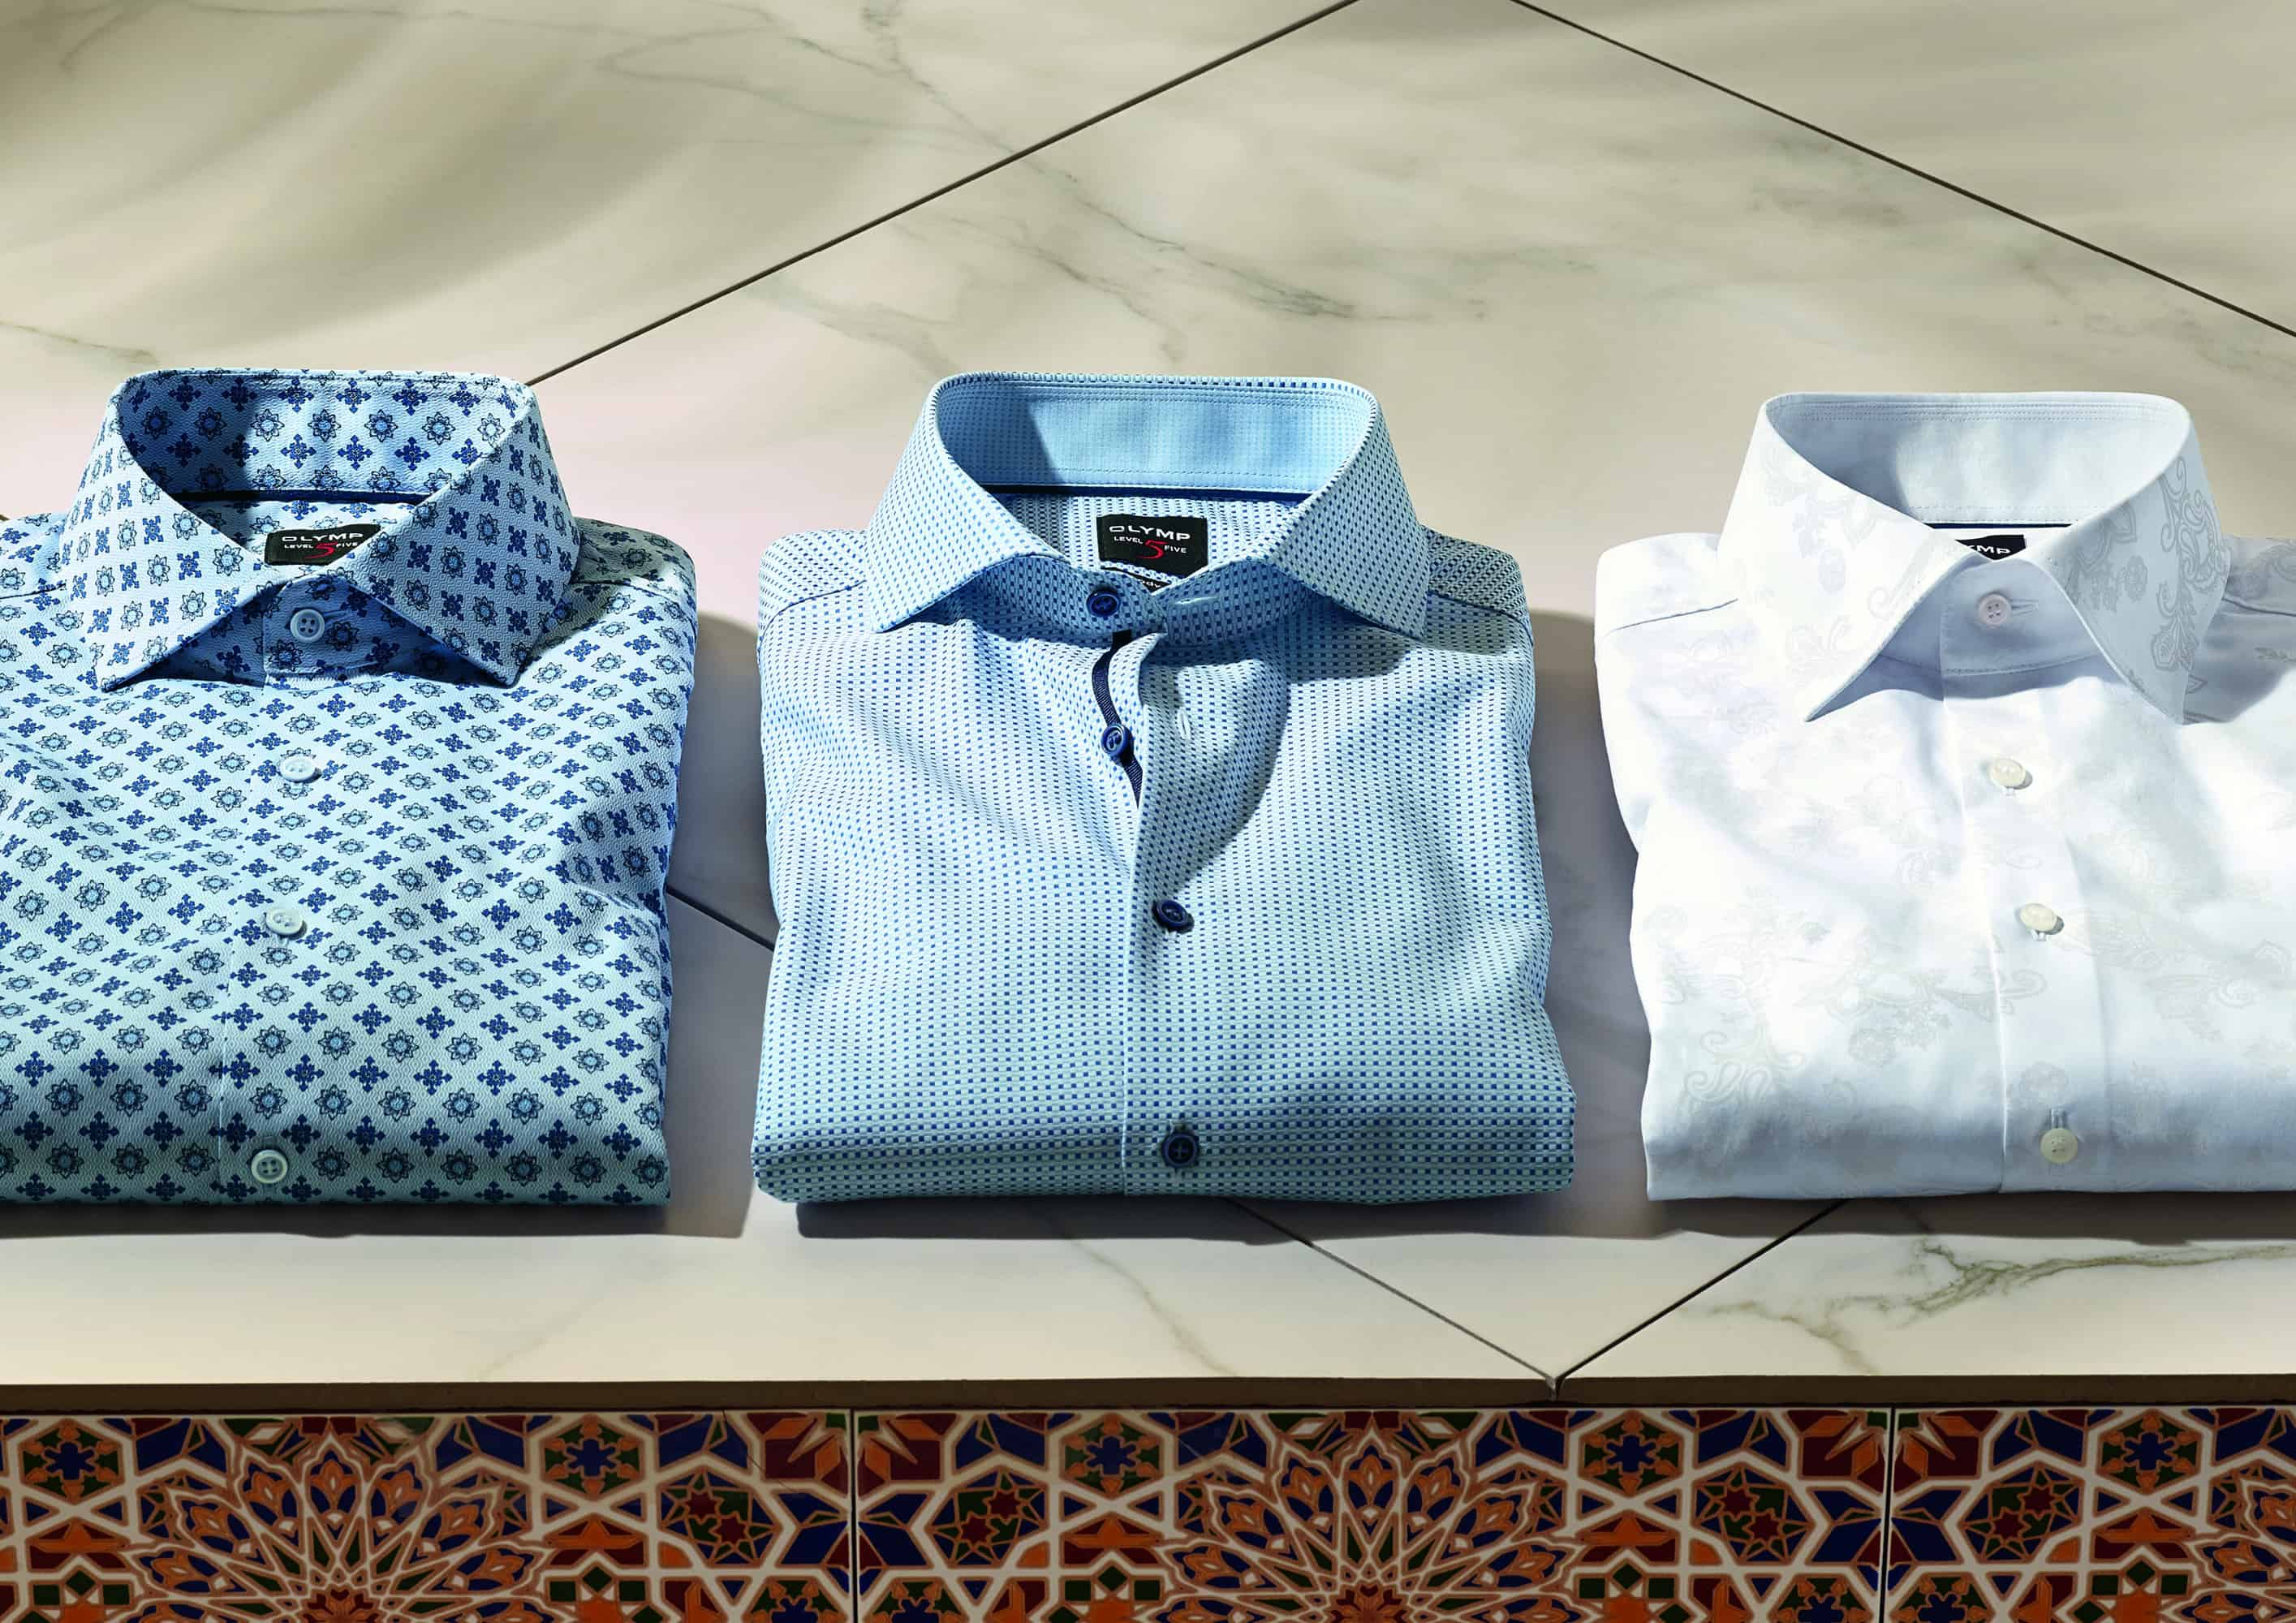 Hemden auf dem Tisch